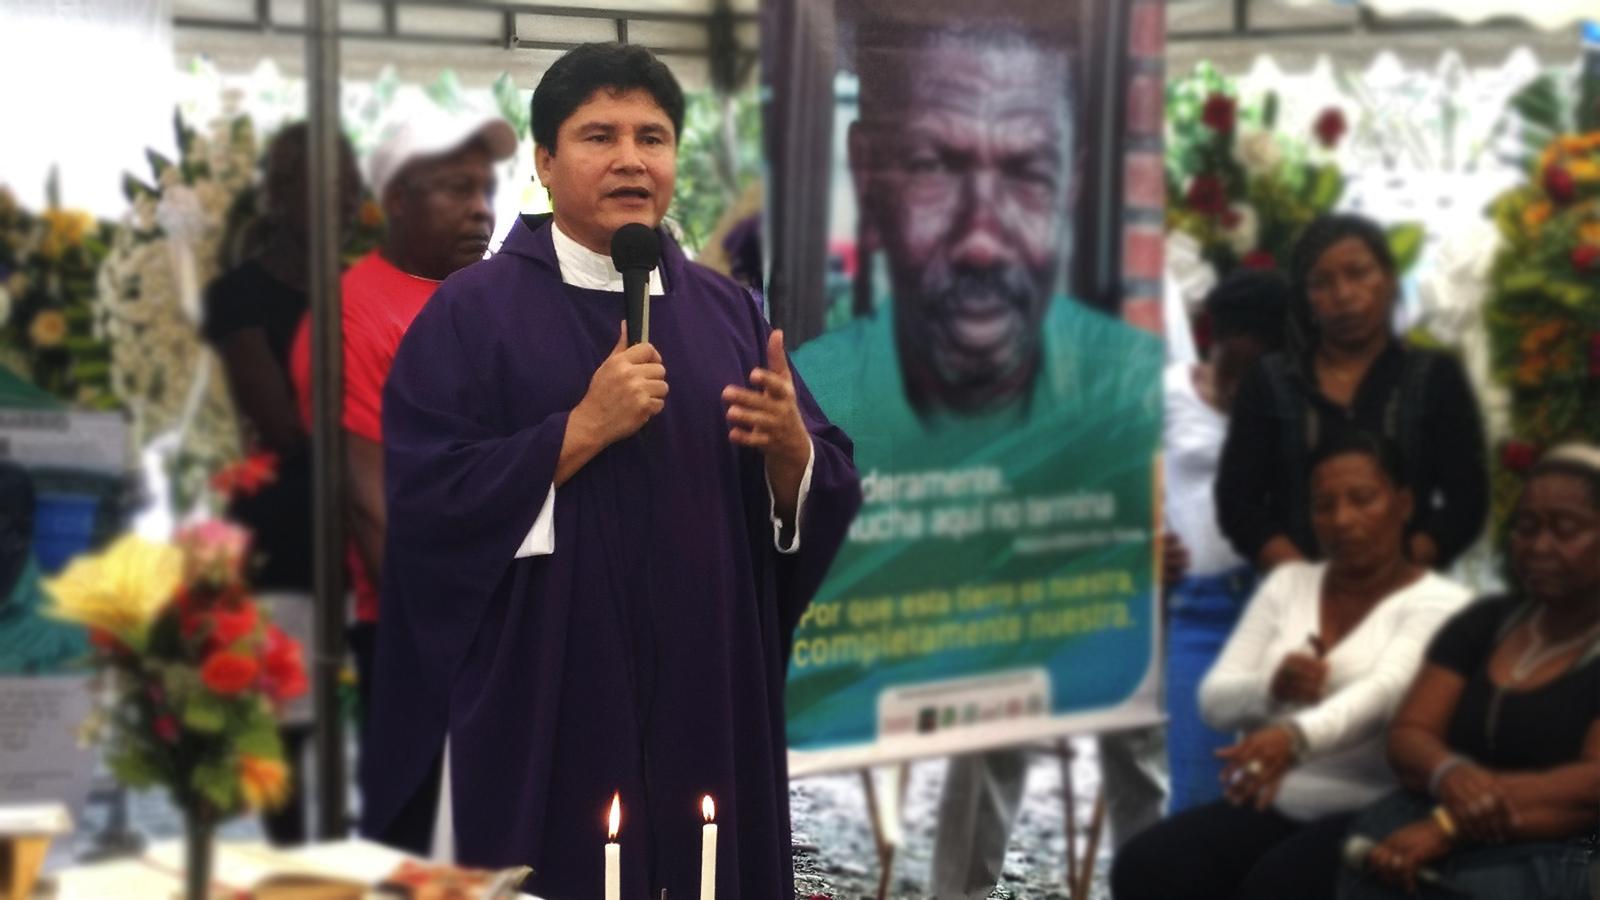 Un sacerdote, el nuevo líder social amenazado en Buenaventura